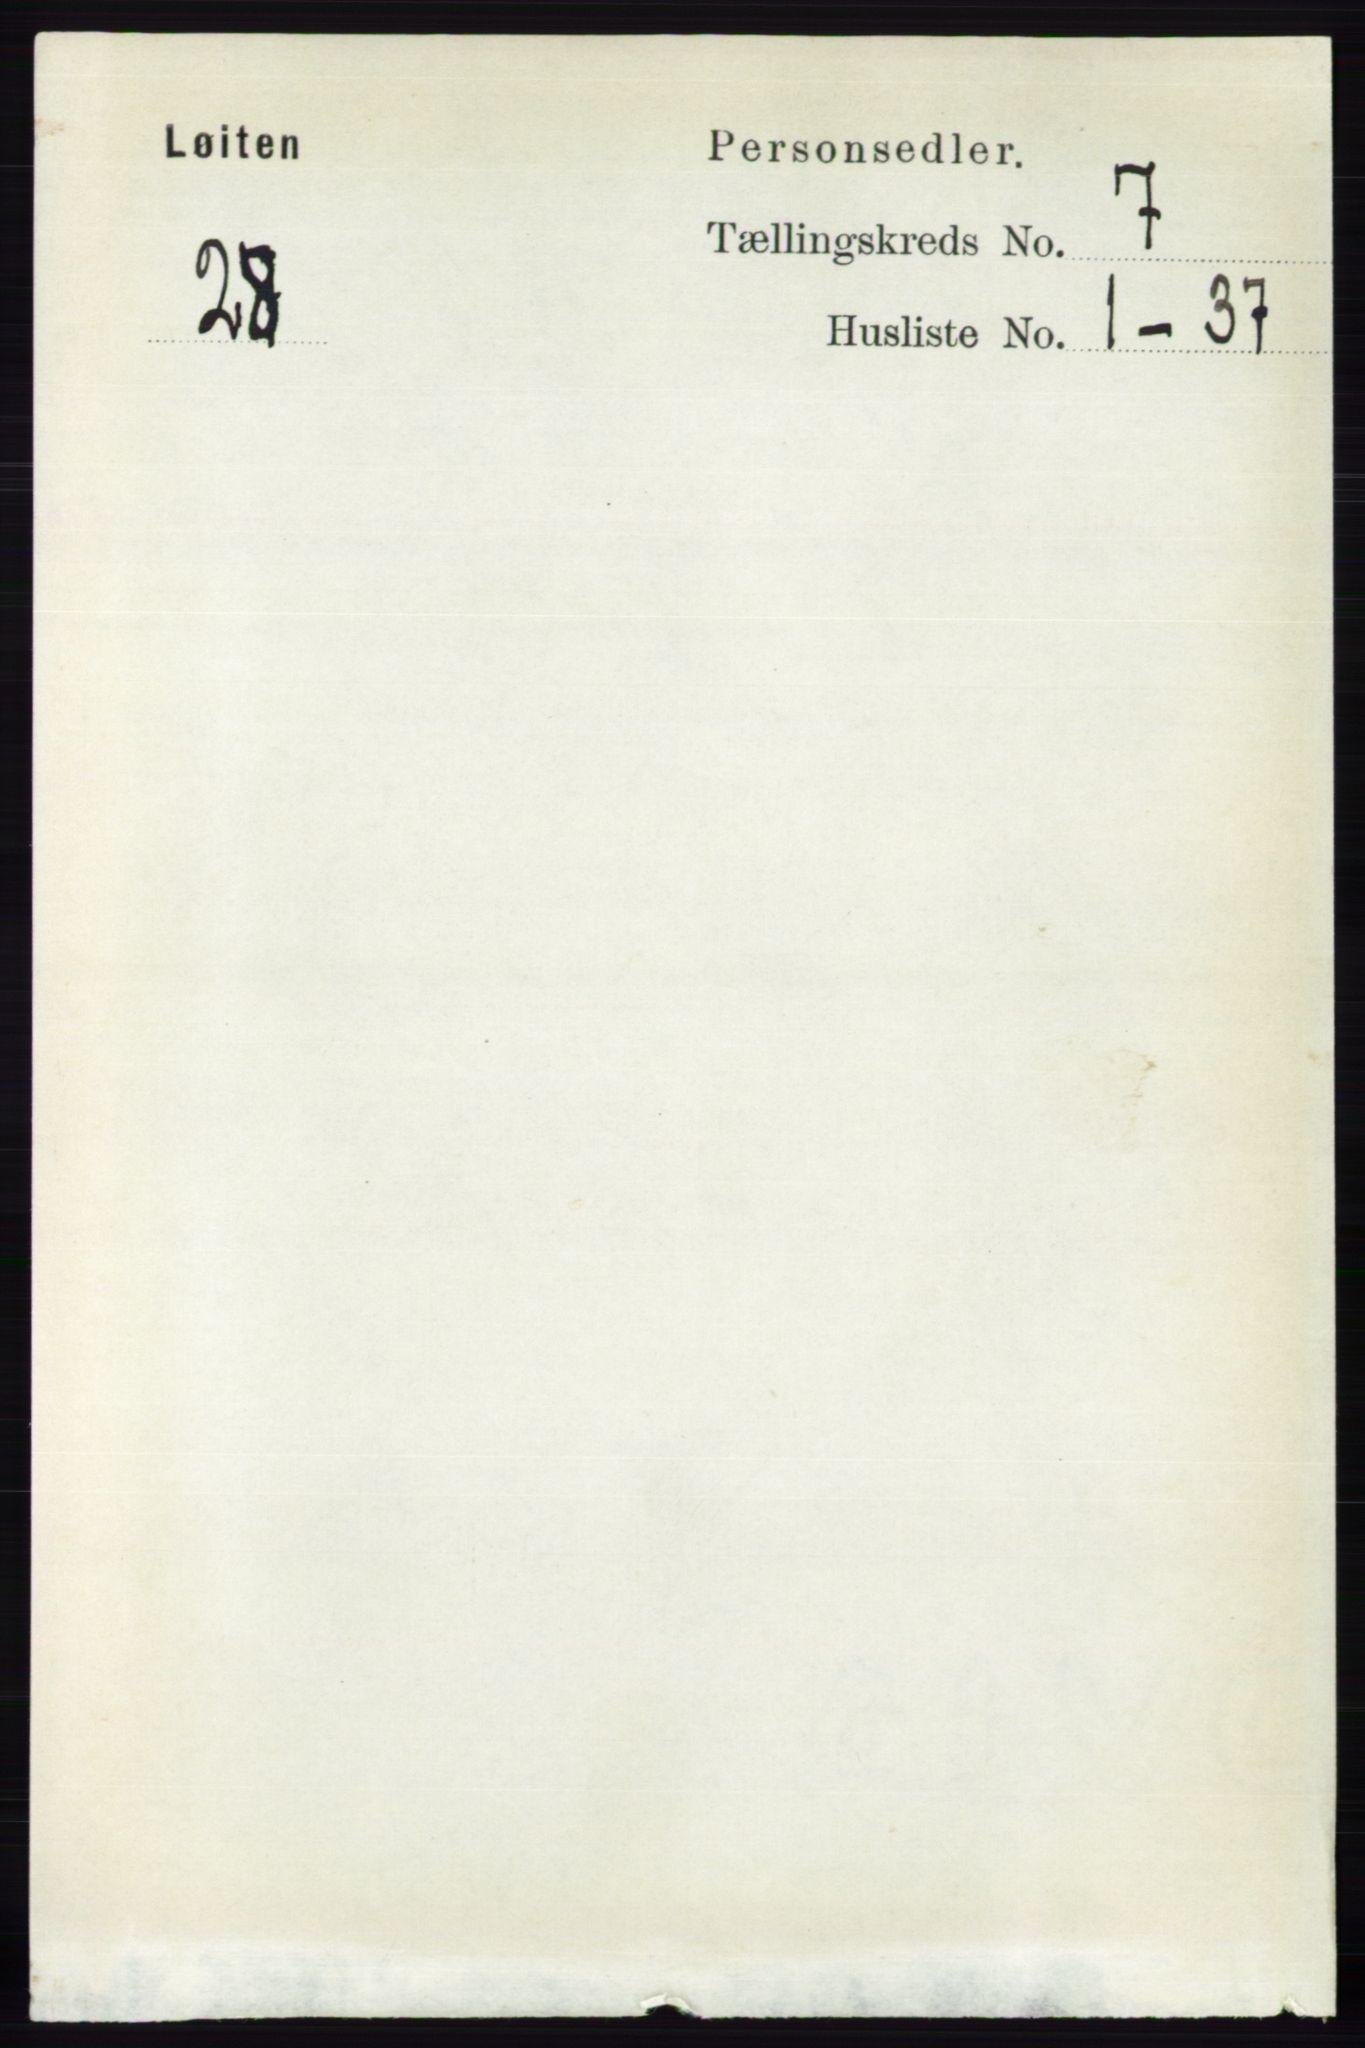 RA, Folketelling 1891 for 0415 Løten herred, 1891, s. 4407